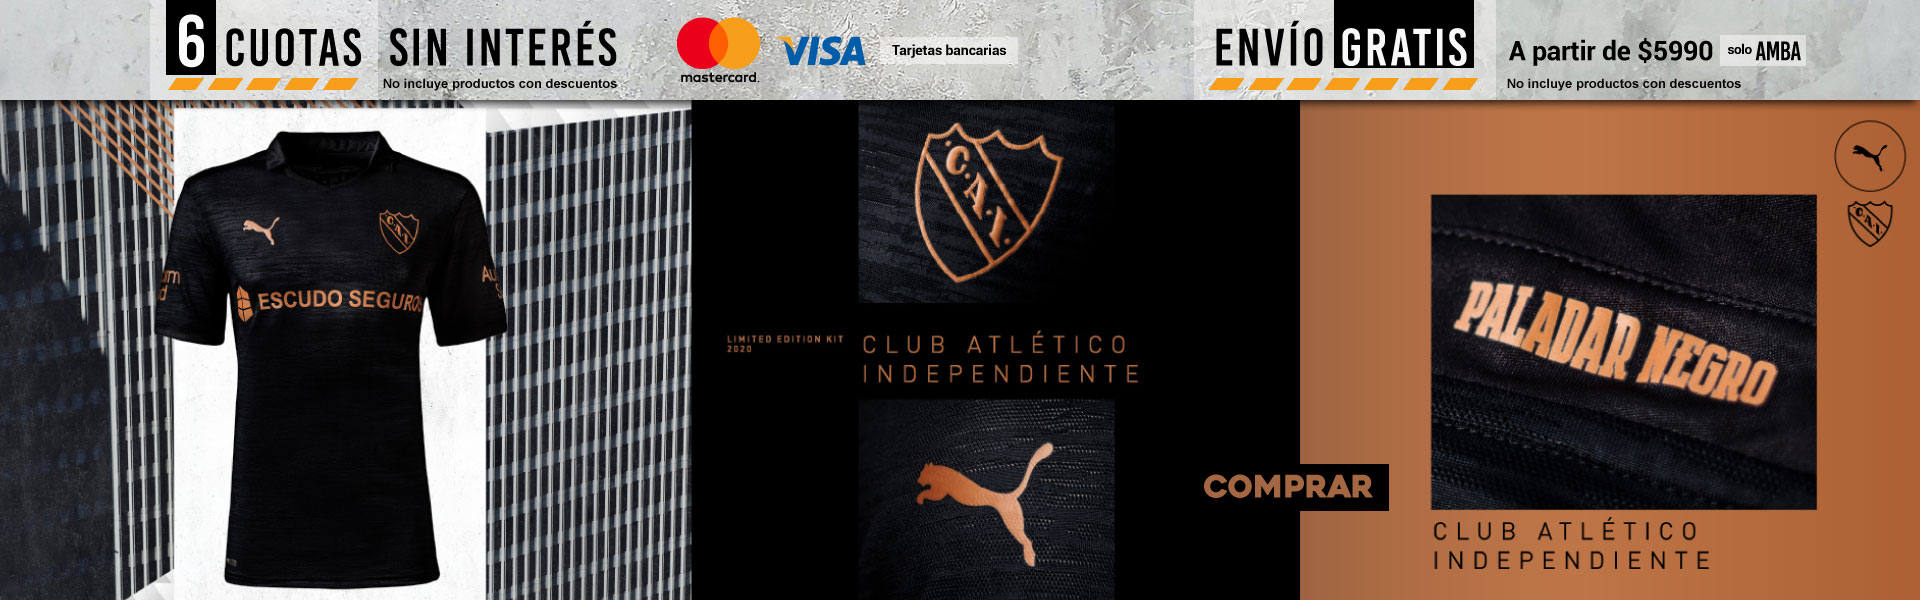 Independiente 2020 DT